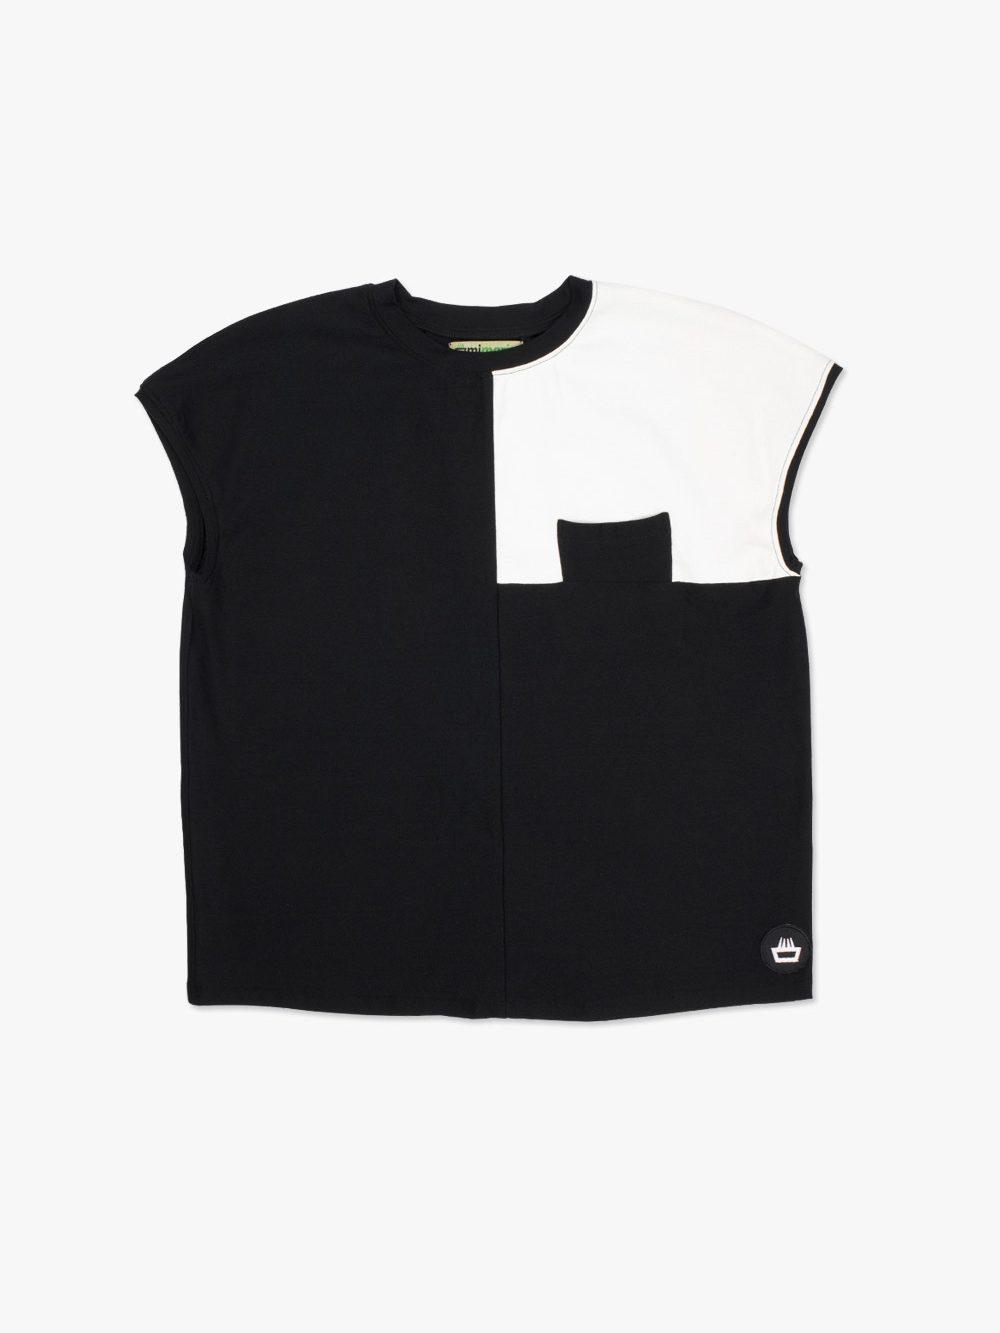 Camiseta para chica edición limitada diseño exclusivo mimaria hempworks modelo square fabricada a mano